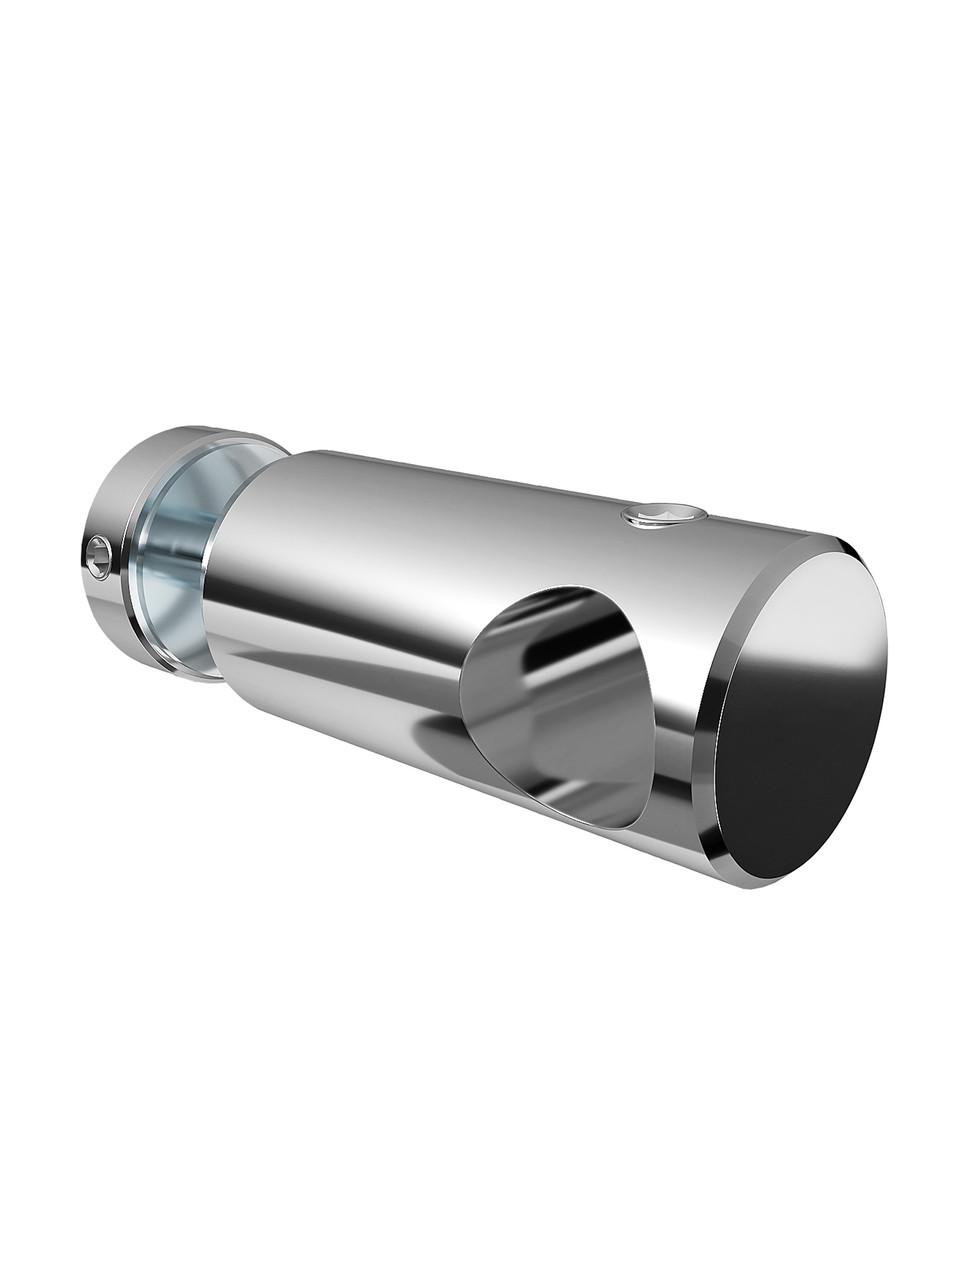 ODF-09-12-02 Т-образний з'єднувач штанги 16 мм до скла наскрізне, полірований х., для душової перегородки